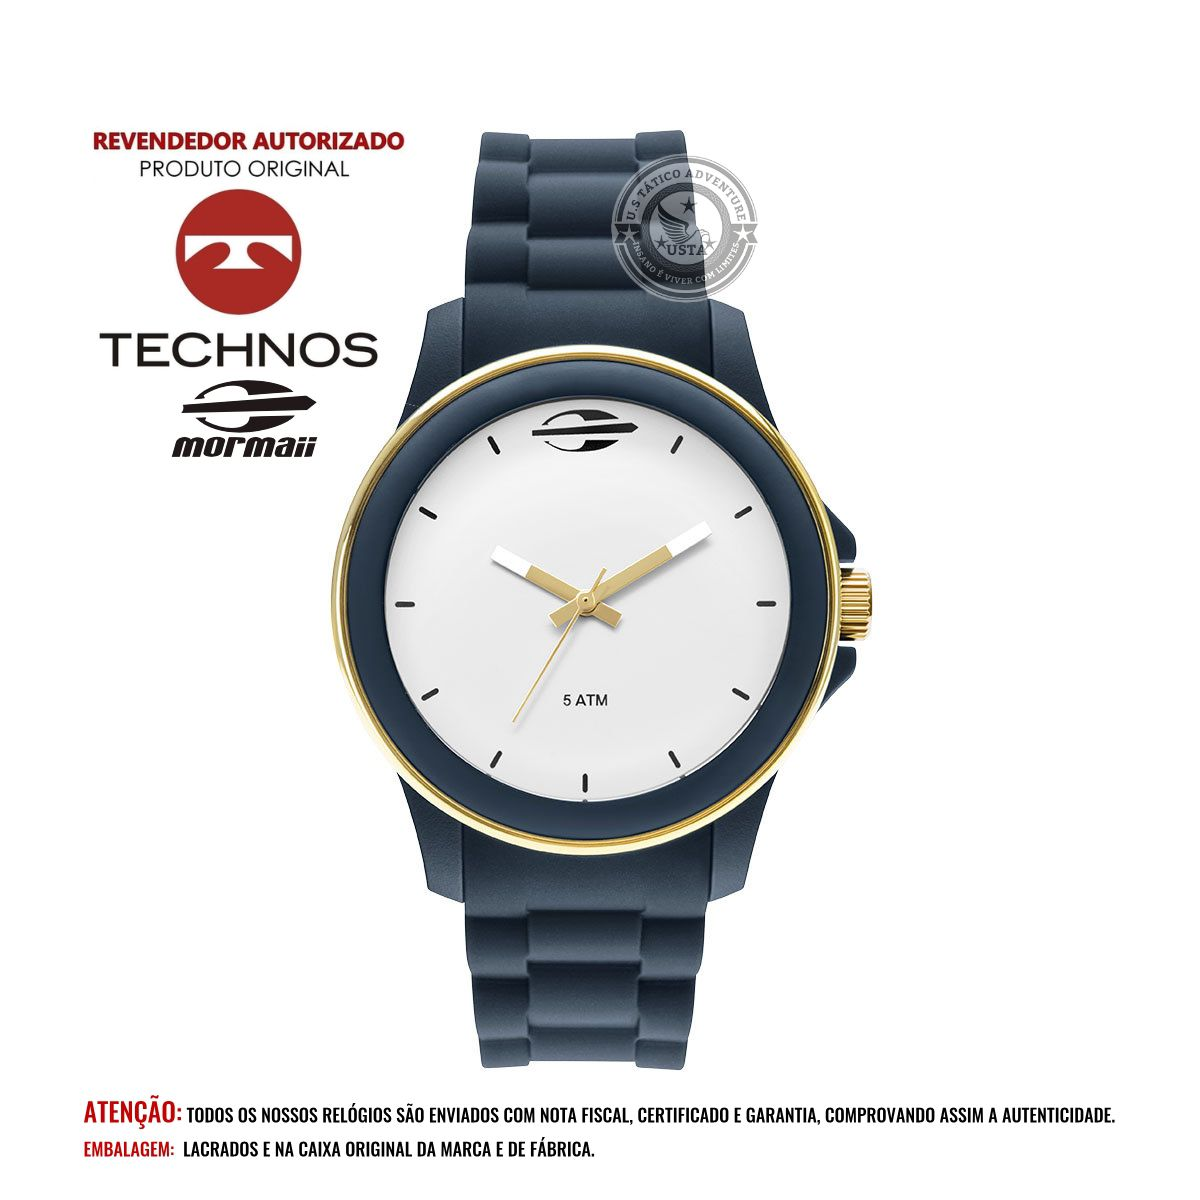 Relógio Mormaii Feminino Maui Mo2036ip Technos